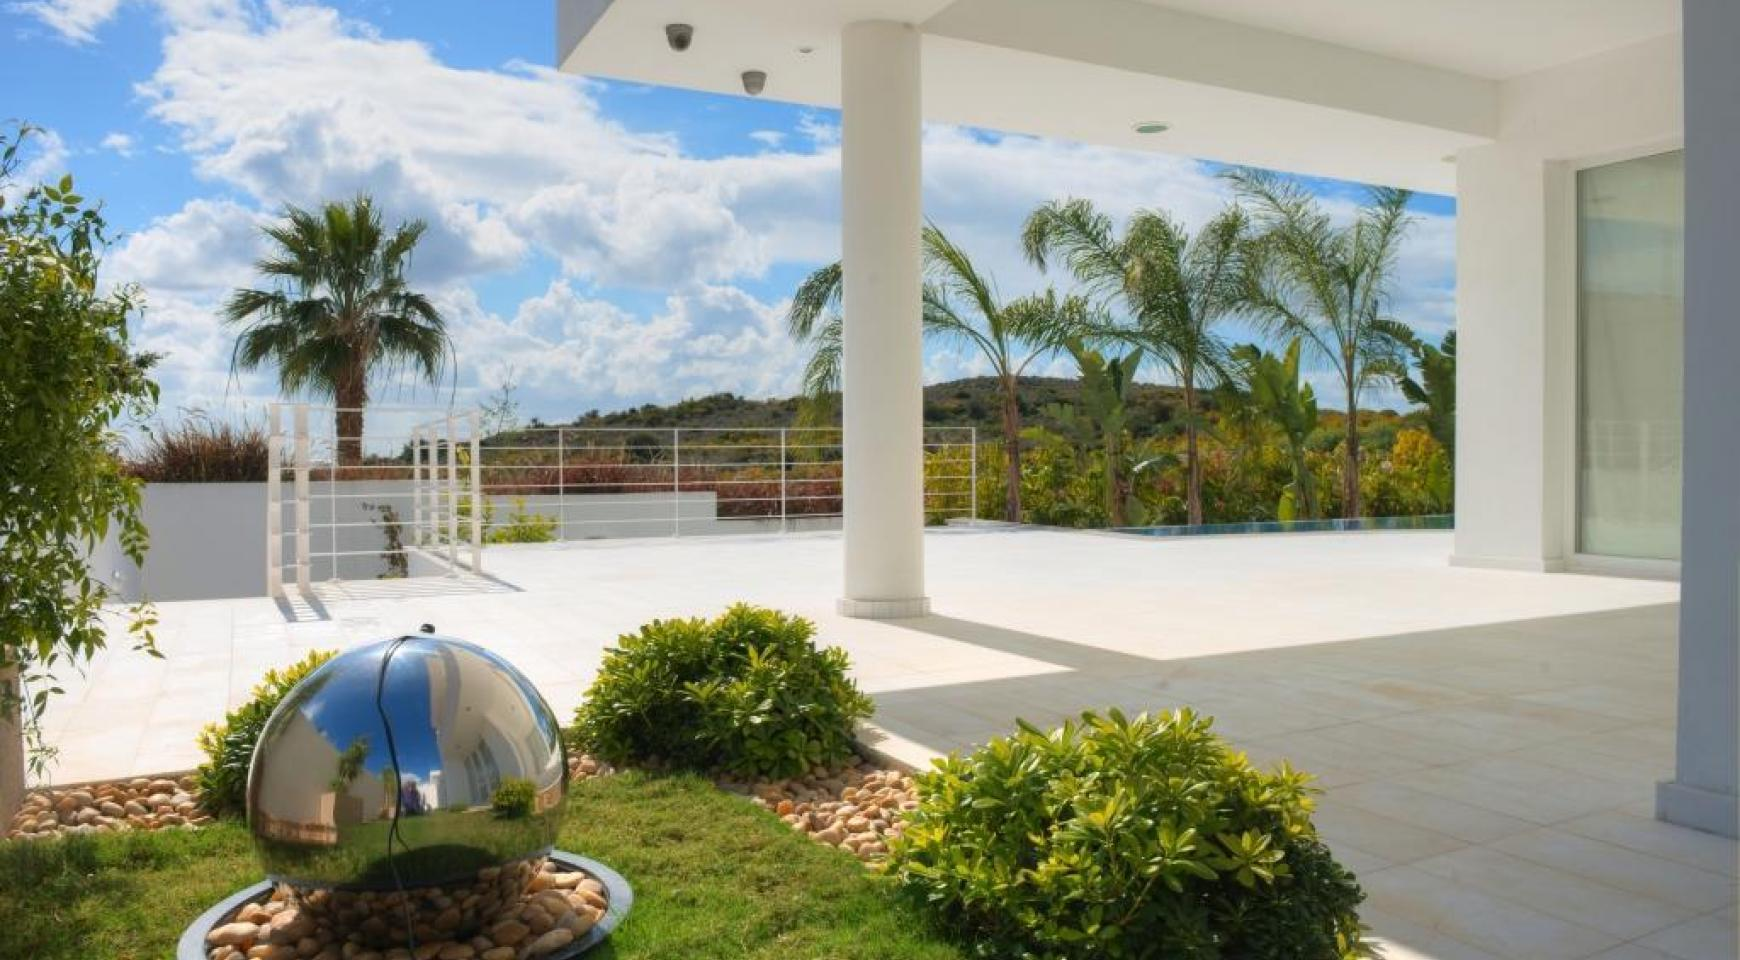 4 Bedroom Villa with Sea Views in Agios Tychonas - 5